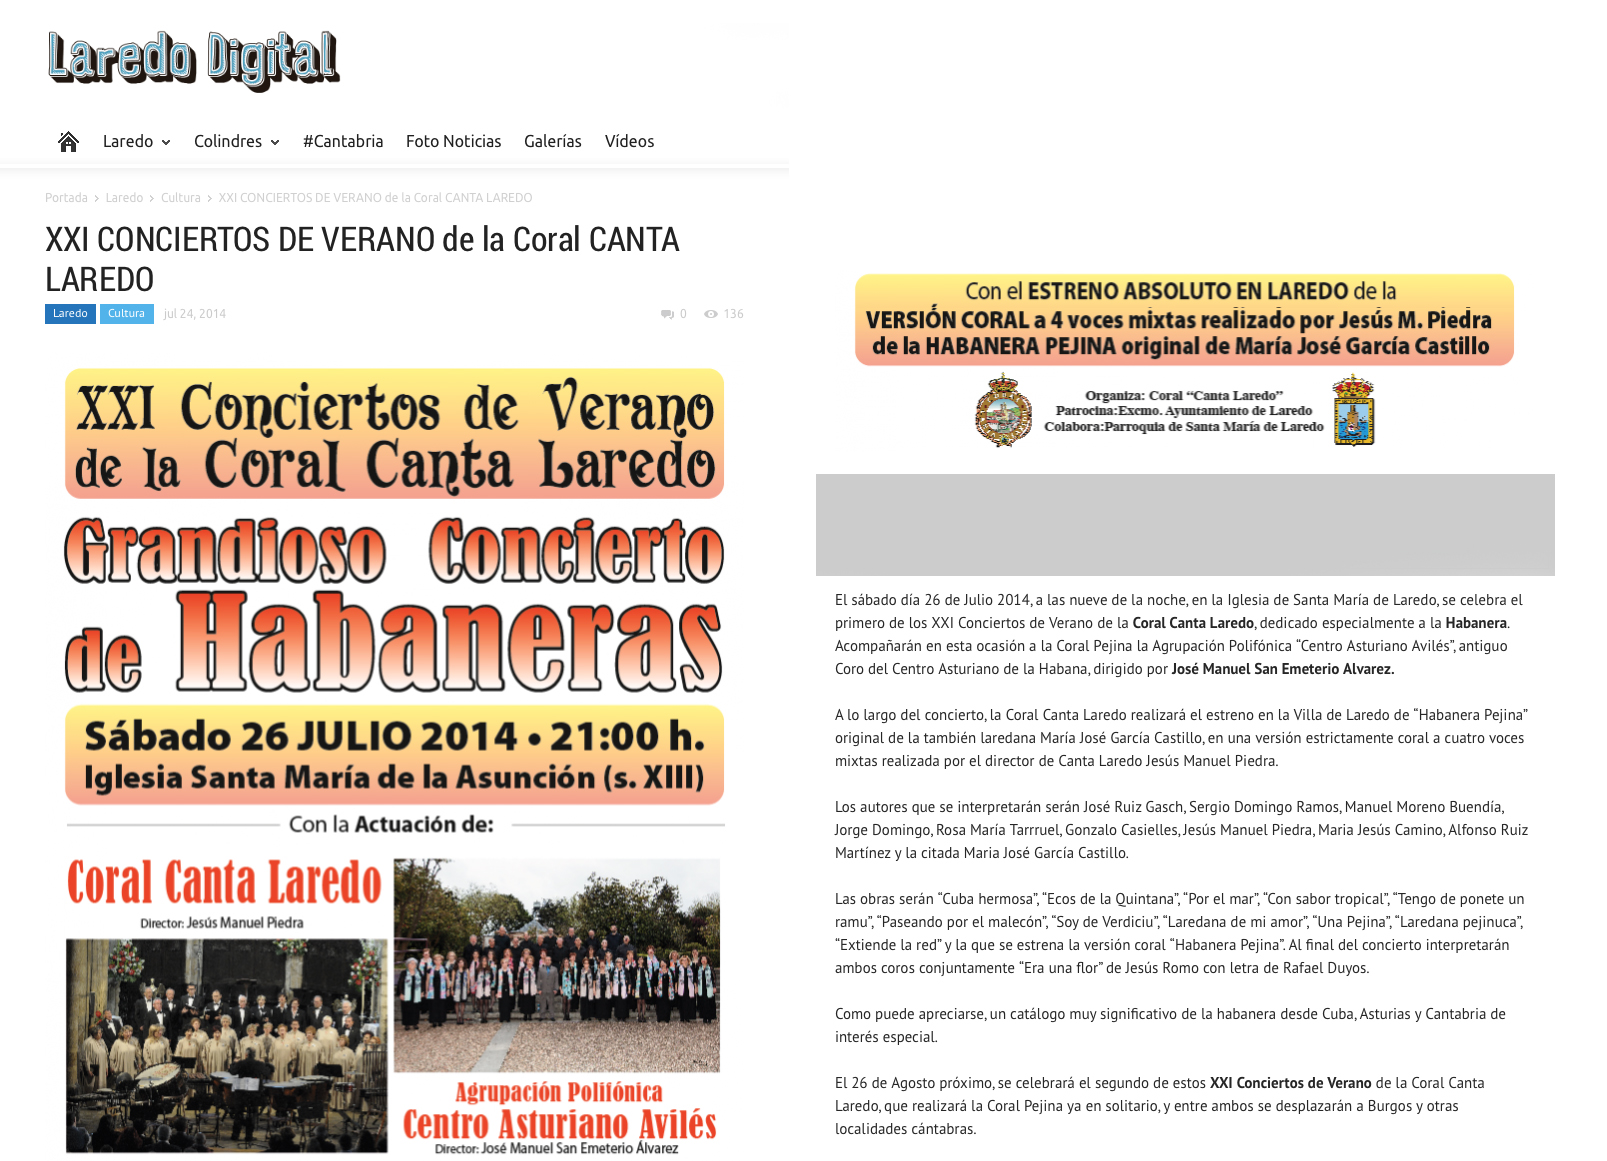 2014 julio 26 - Conciertos de Verano Coral de Laredo